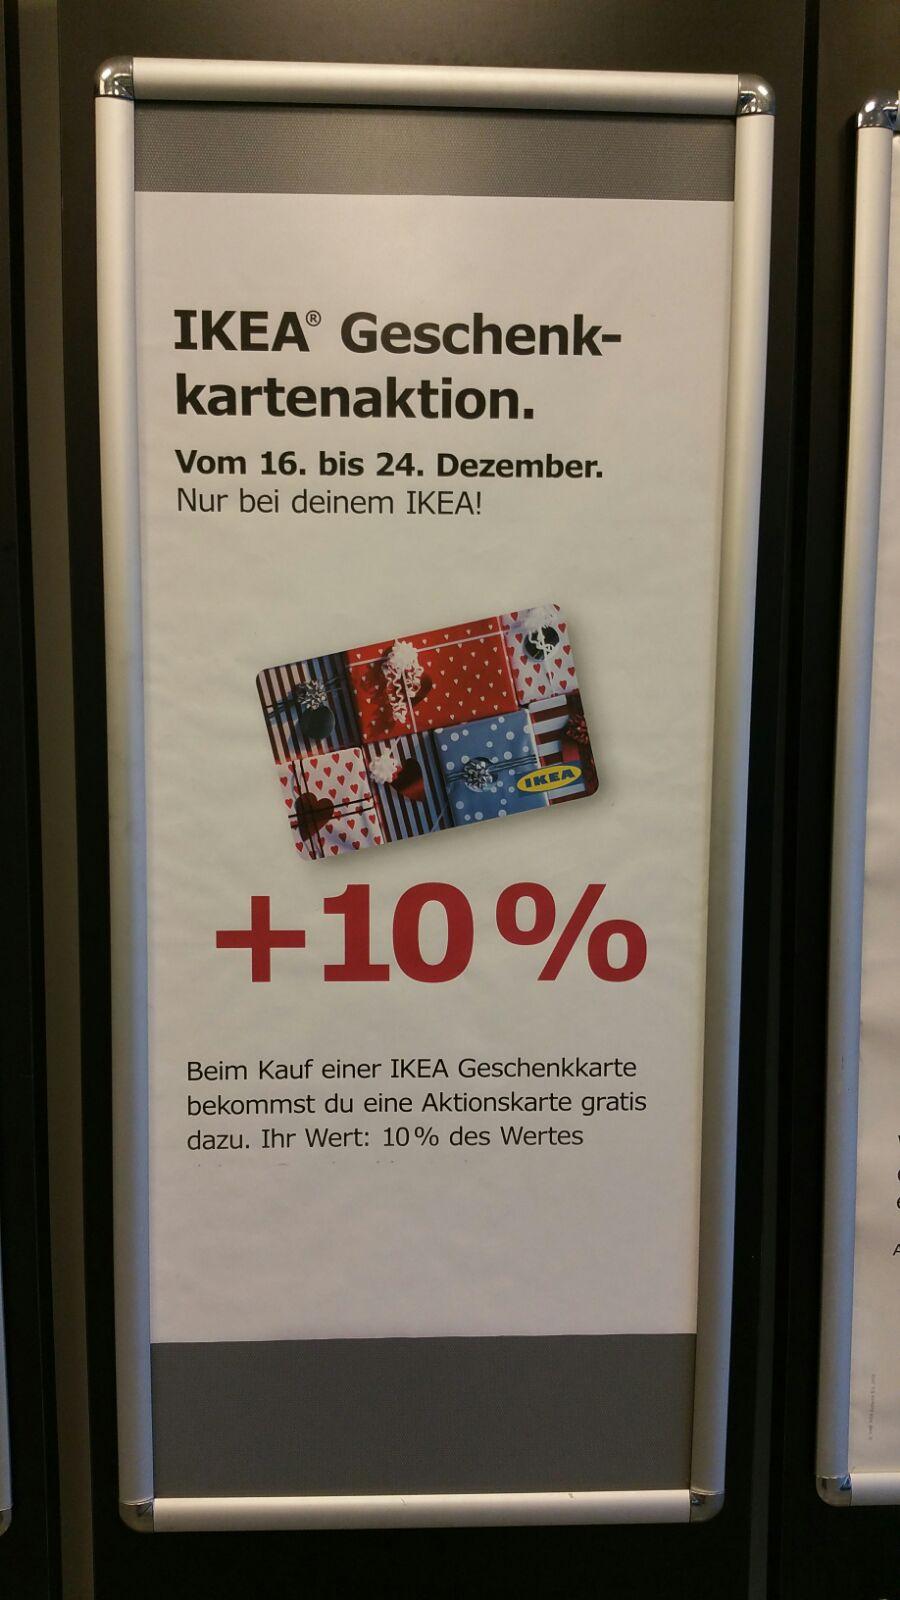 [ Local ] IKEA Saarlouis - Geschenkkartenaktion (10% Gratis Aktionskarte)